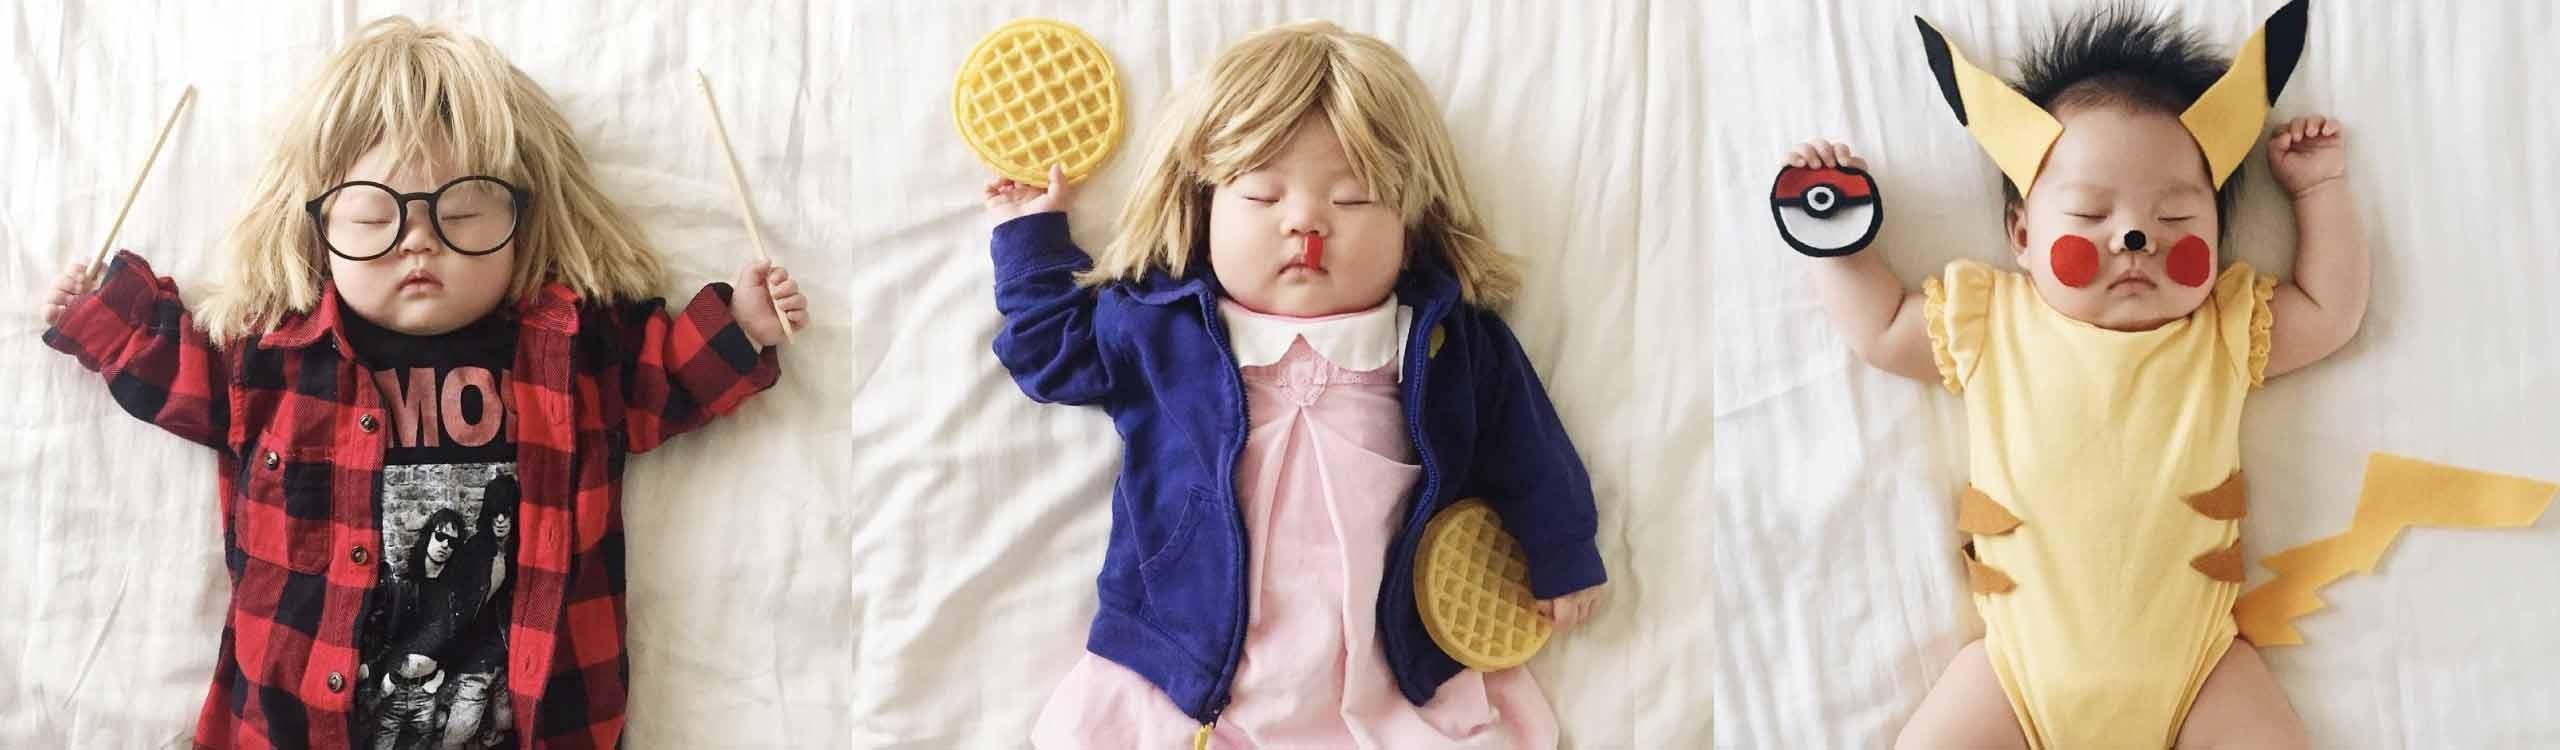 laura izumikawa, la madre que aprovechaba las siestas de su hija en instagram